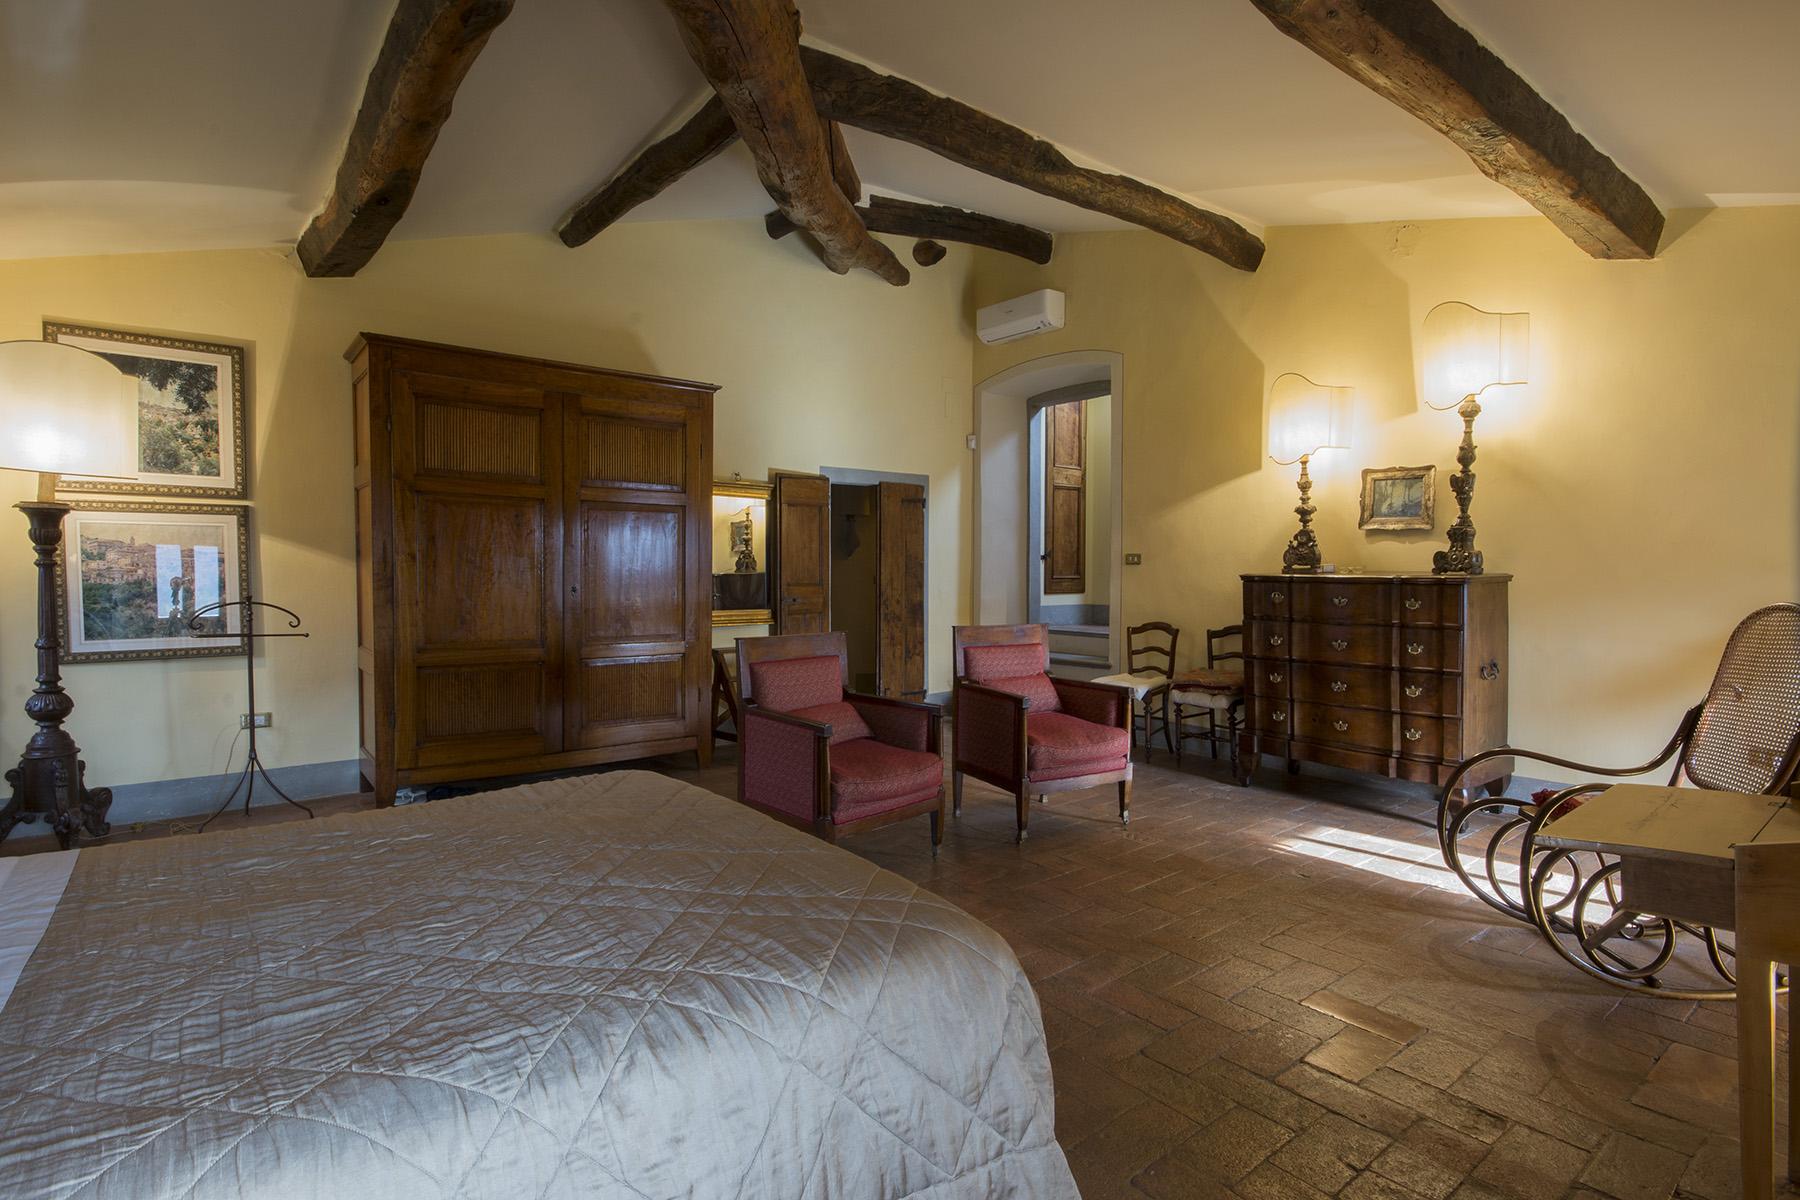 Casa indipendente in Vendita a Pistoia: 5 locali, 500 mq - Foto 6